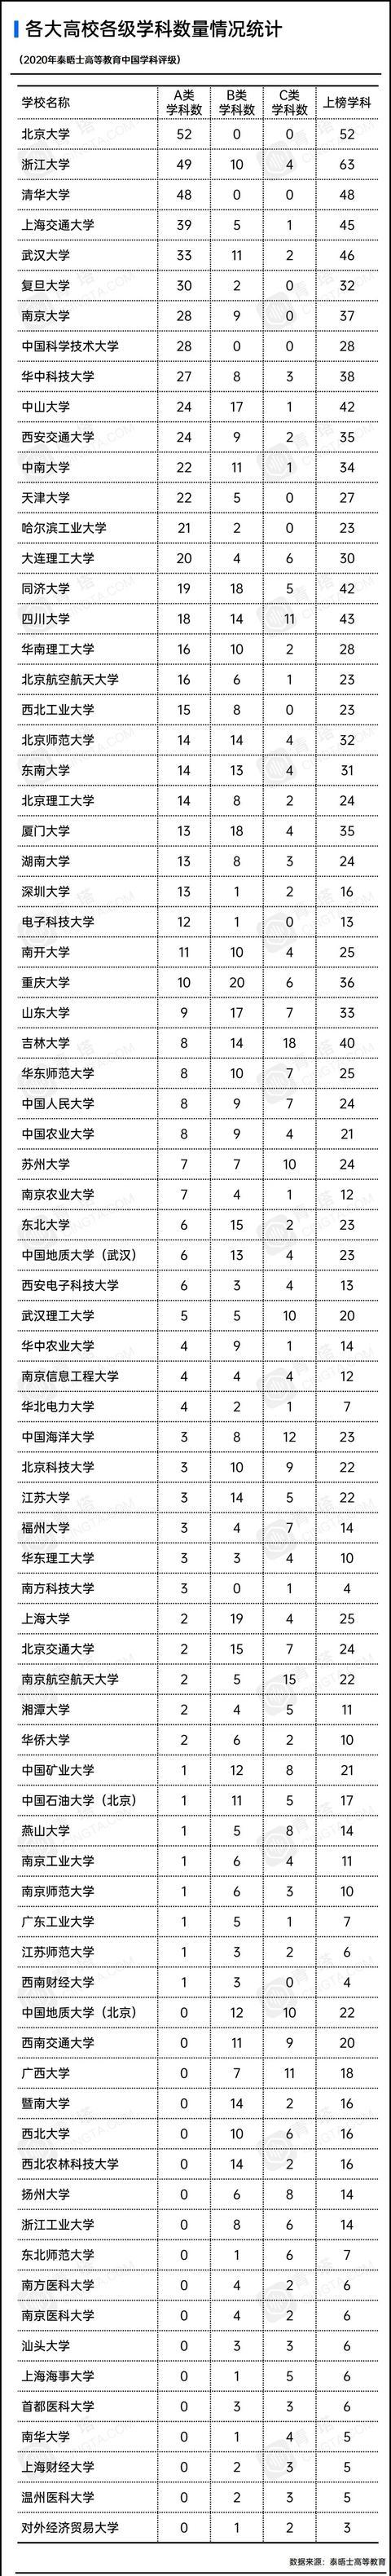 泰晤士高等教育发布首届中国学科评级,80所中国大陆高校上榜